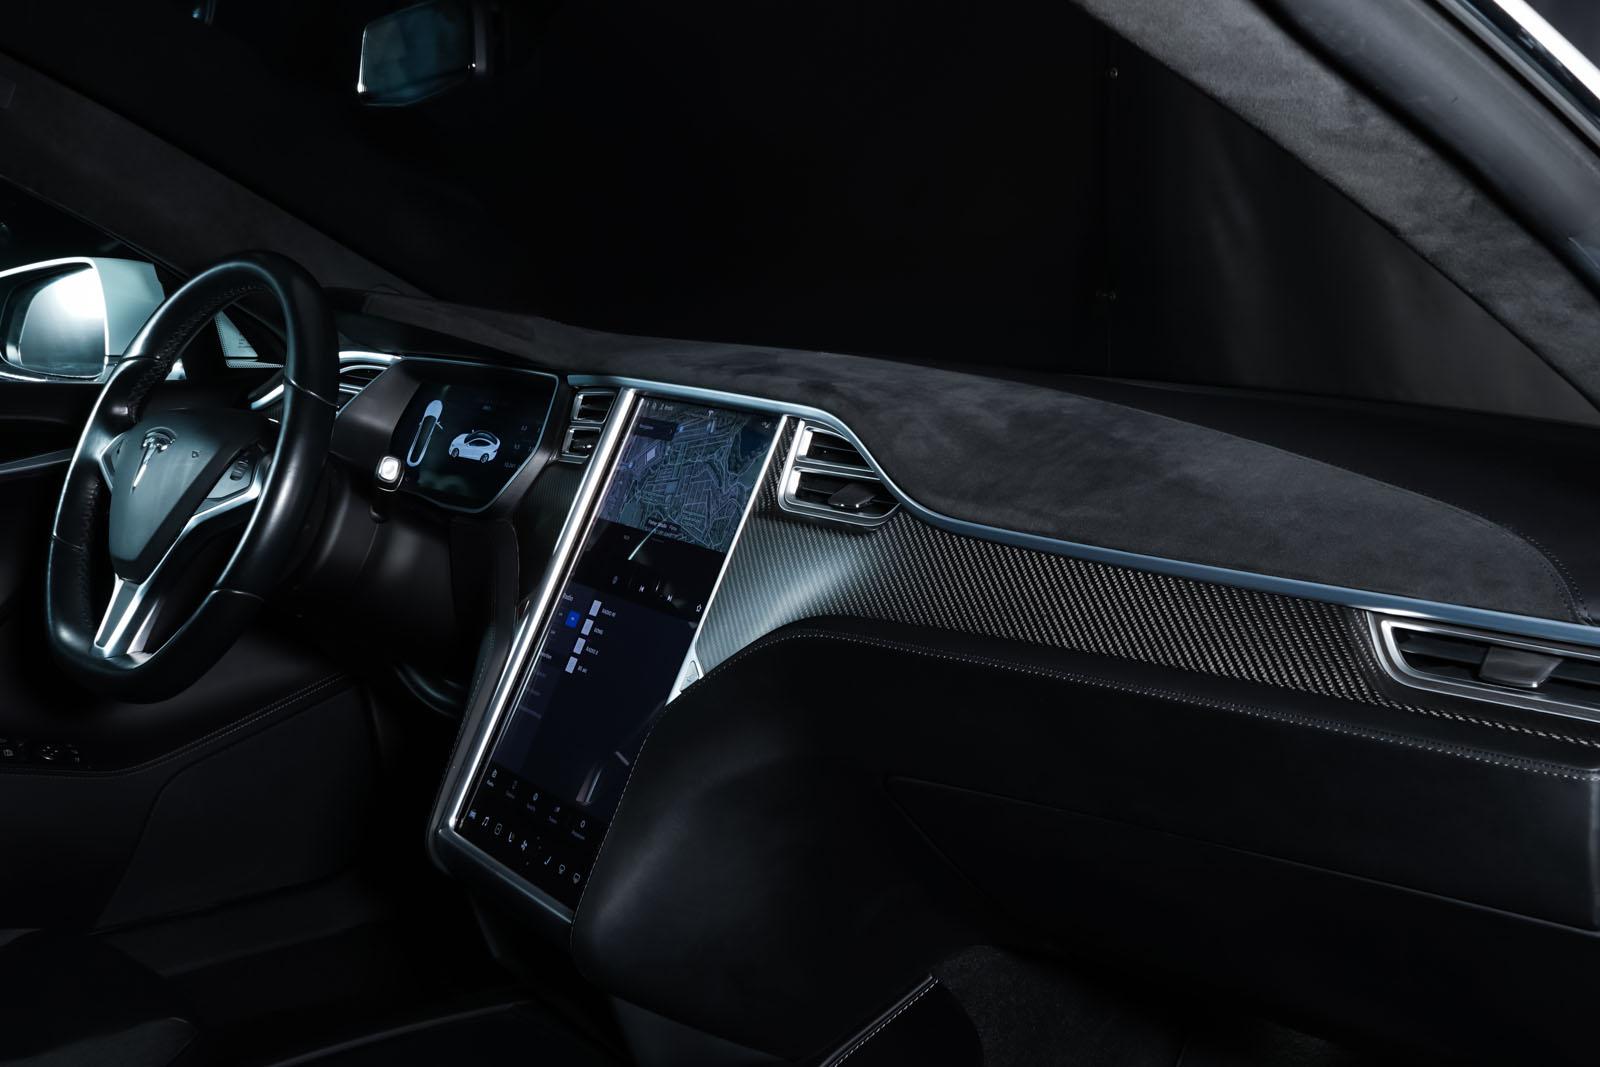 Tesla_ModelS_90D_Weiß_Schwarz_TES-0714_19_w